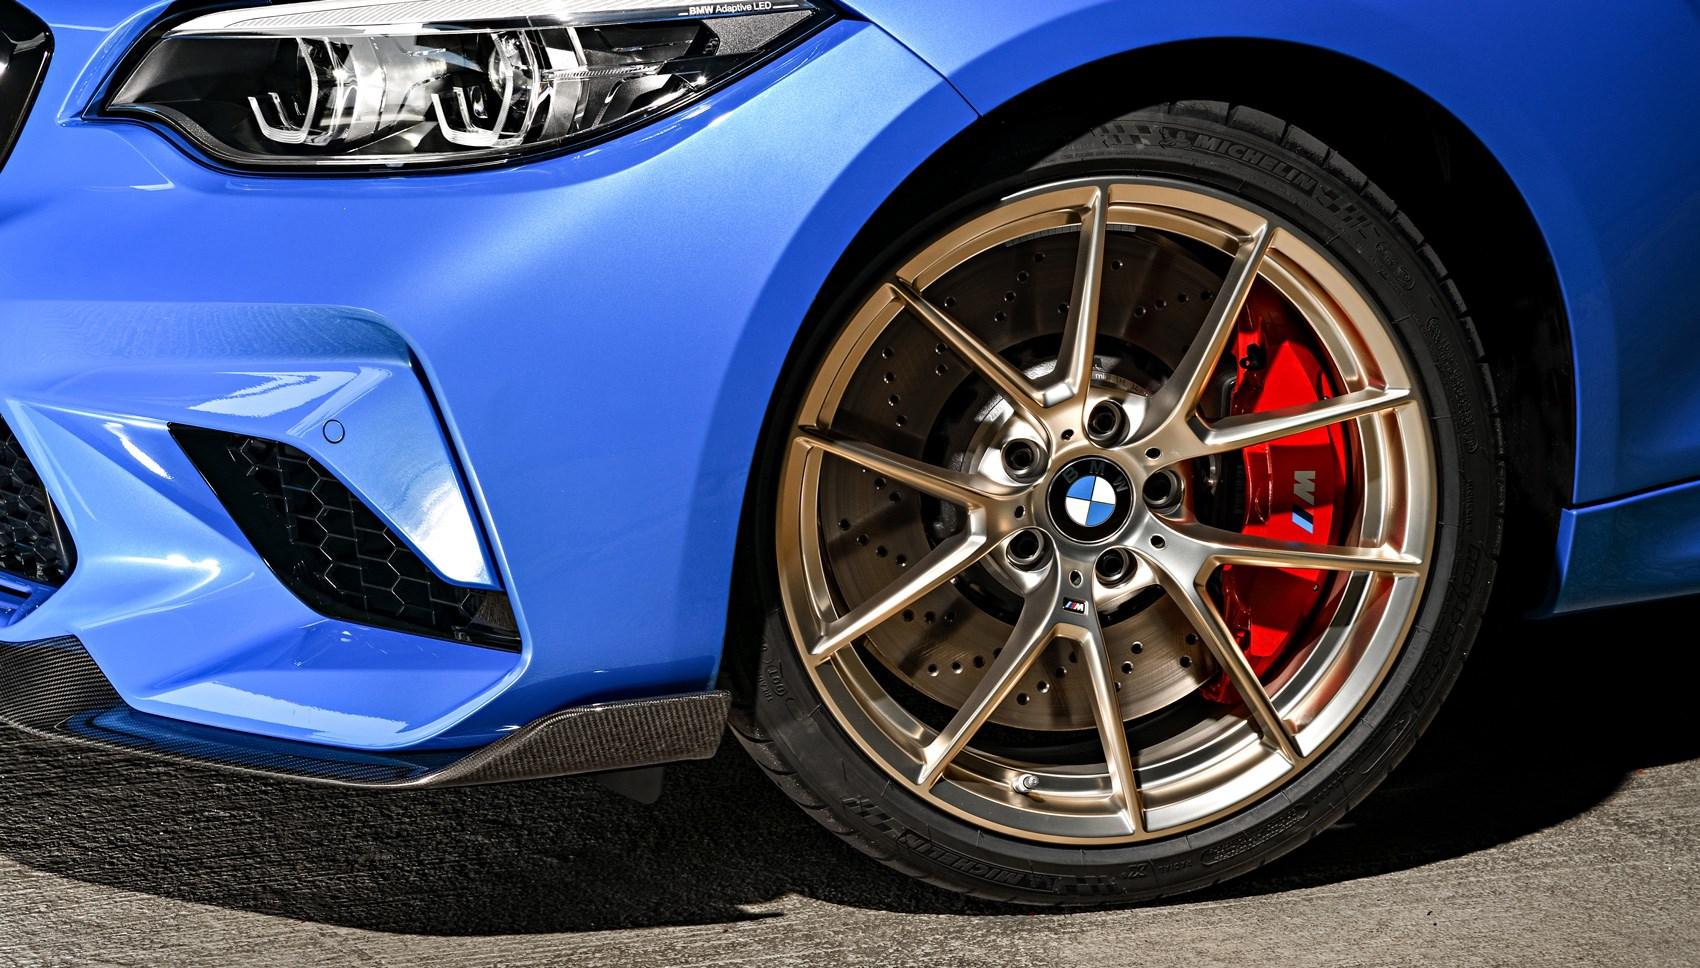 M2 CS wheel